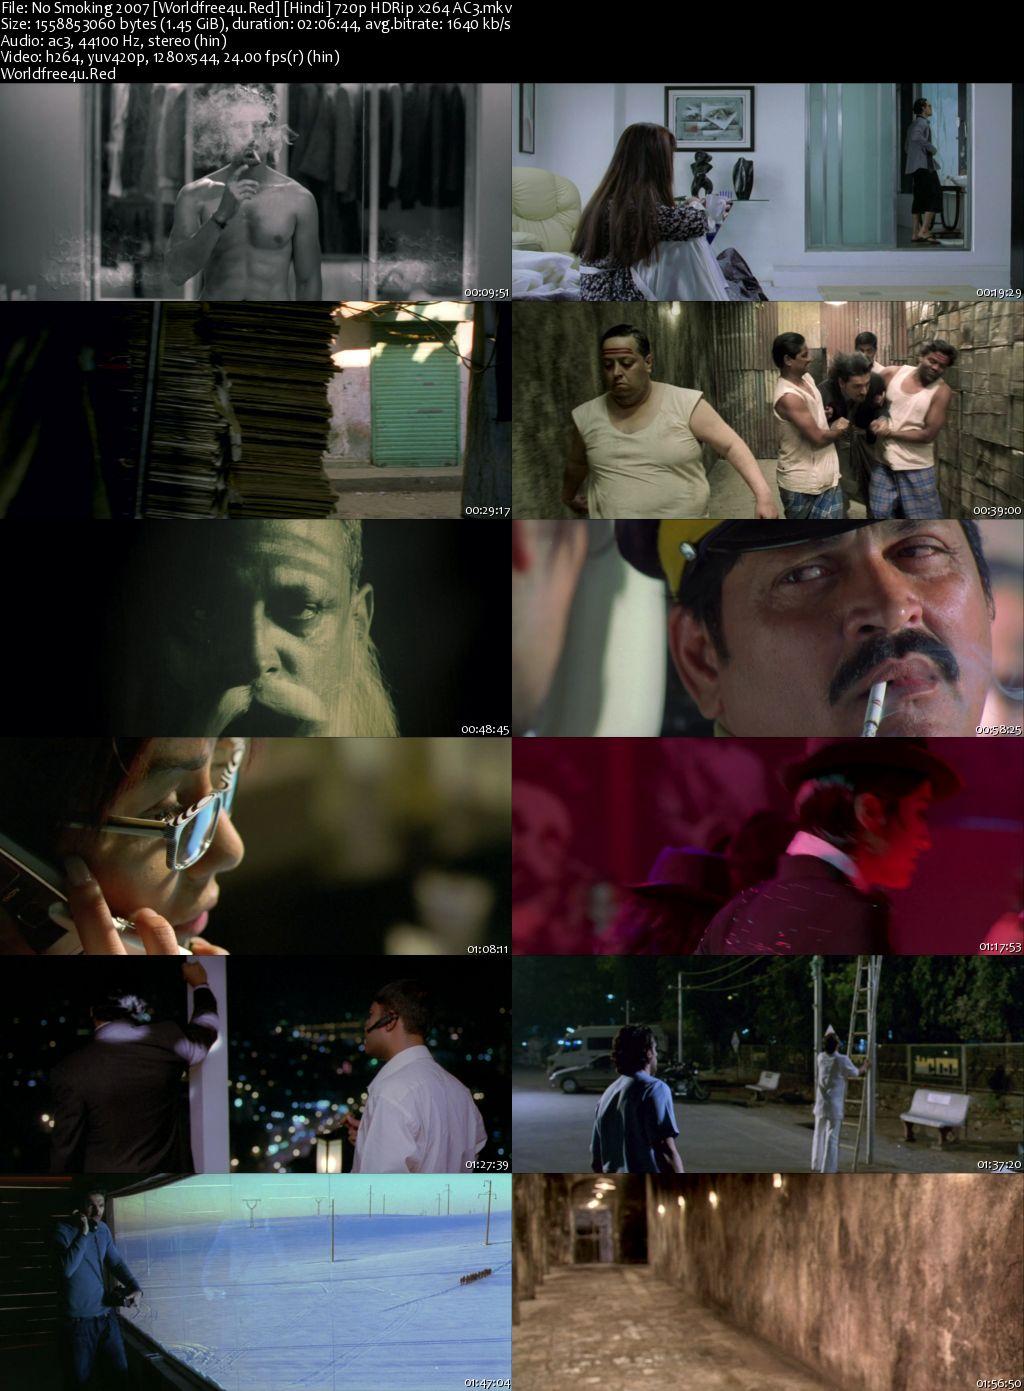 No Smoking 2007 Hindi HDRip 720p